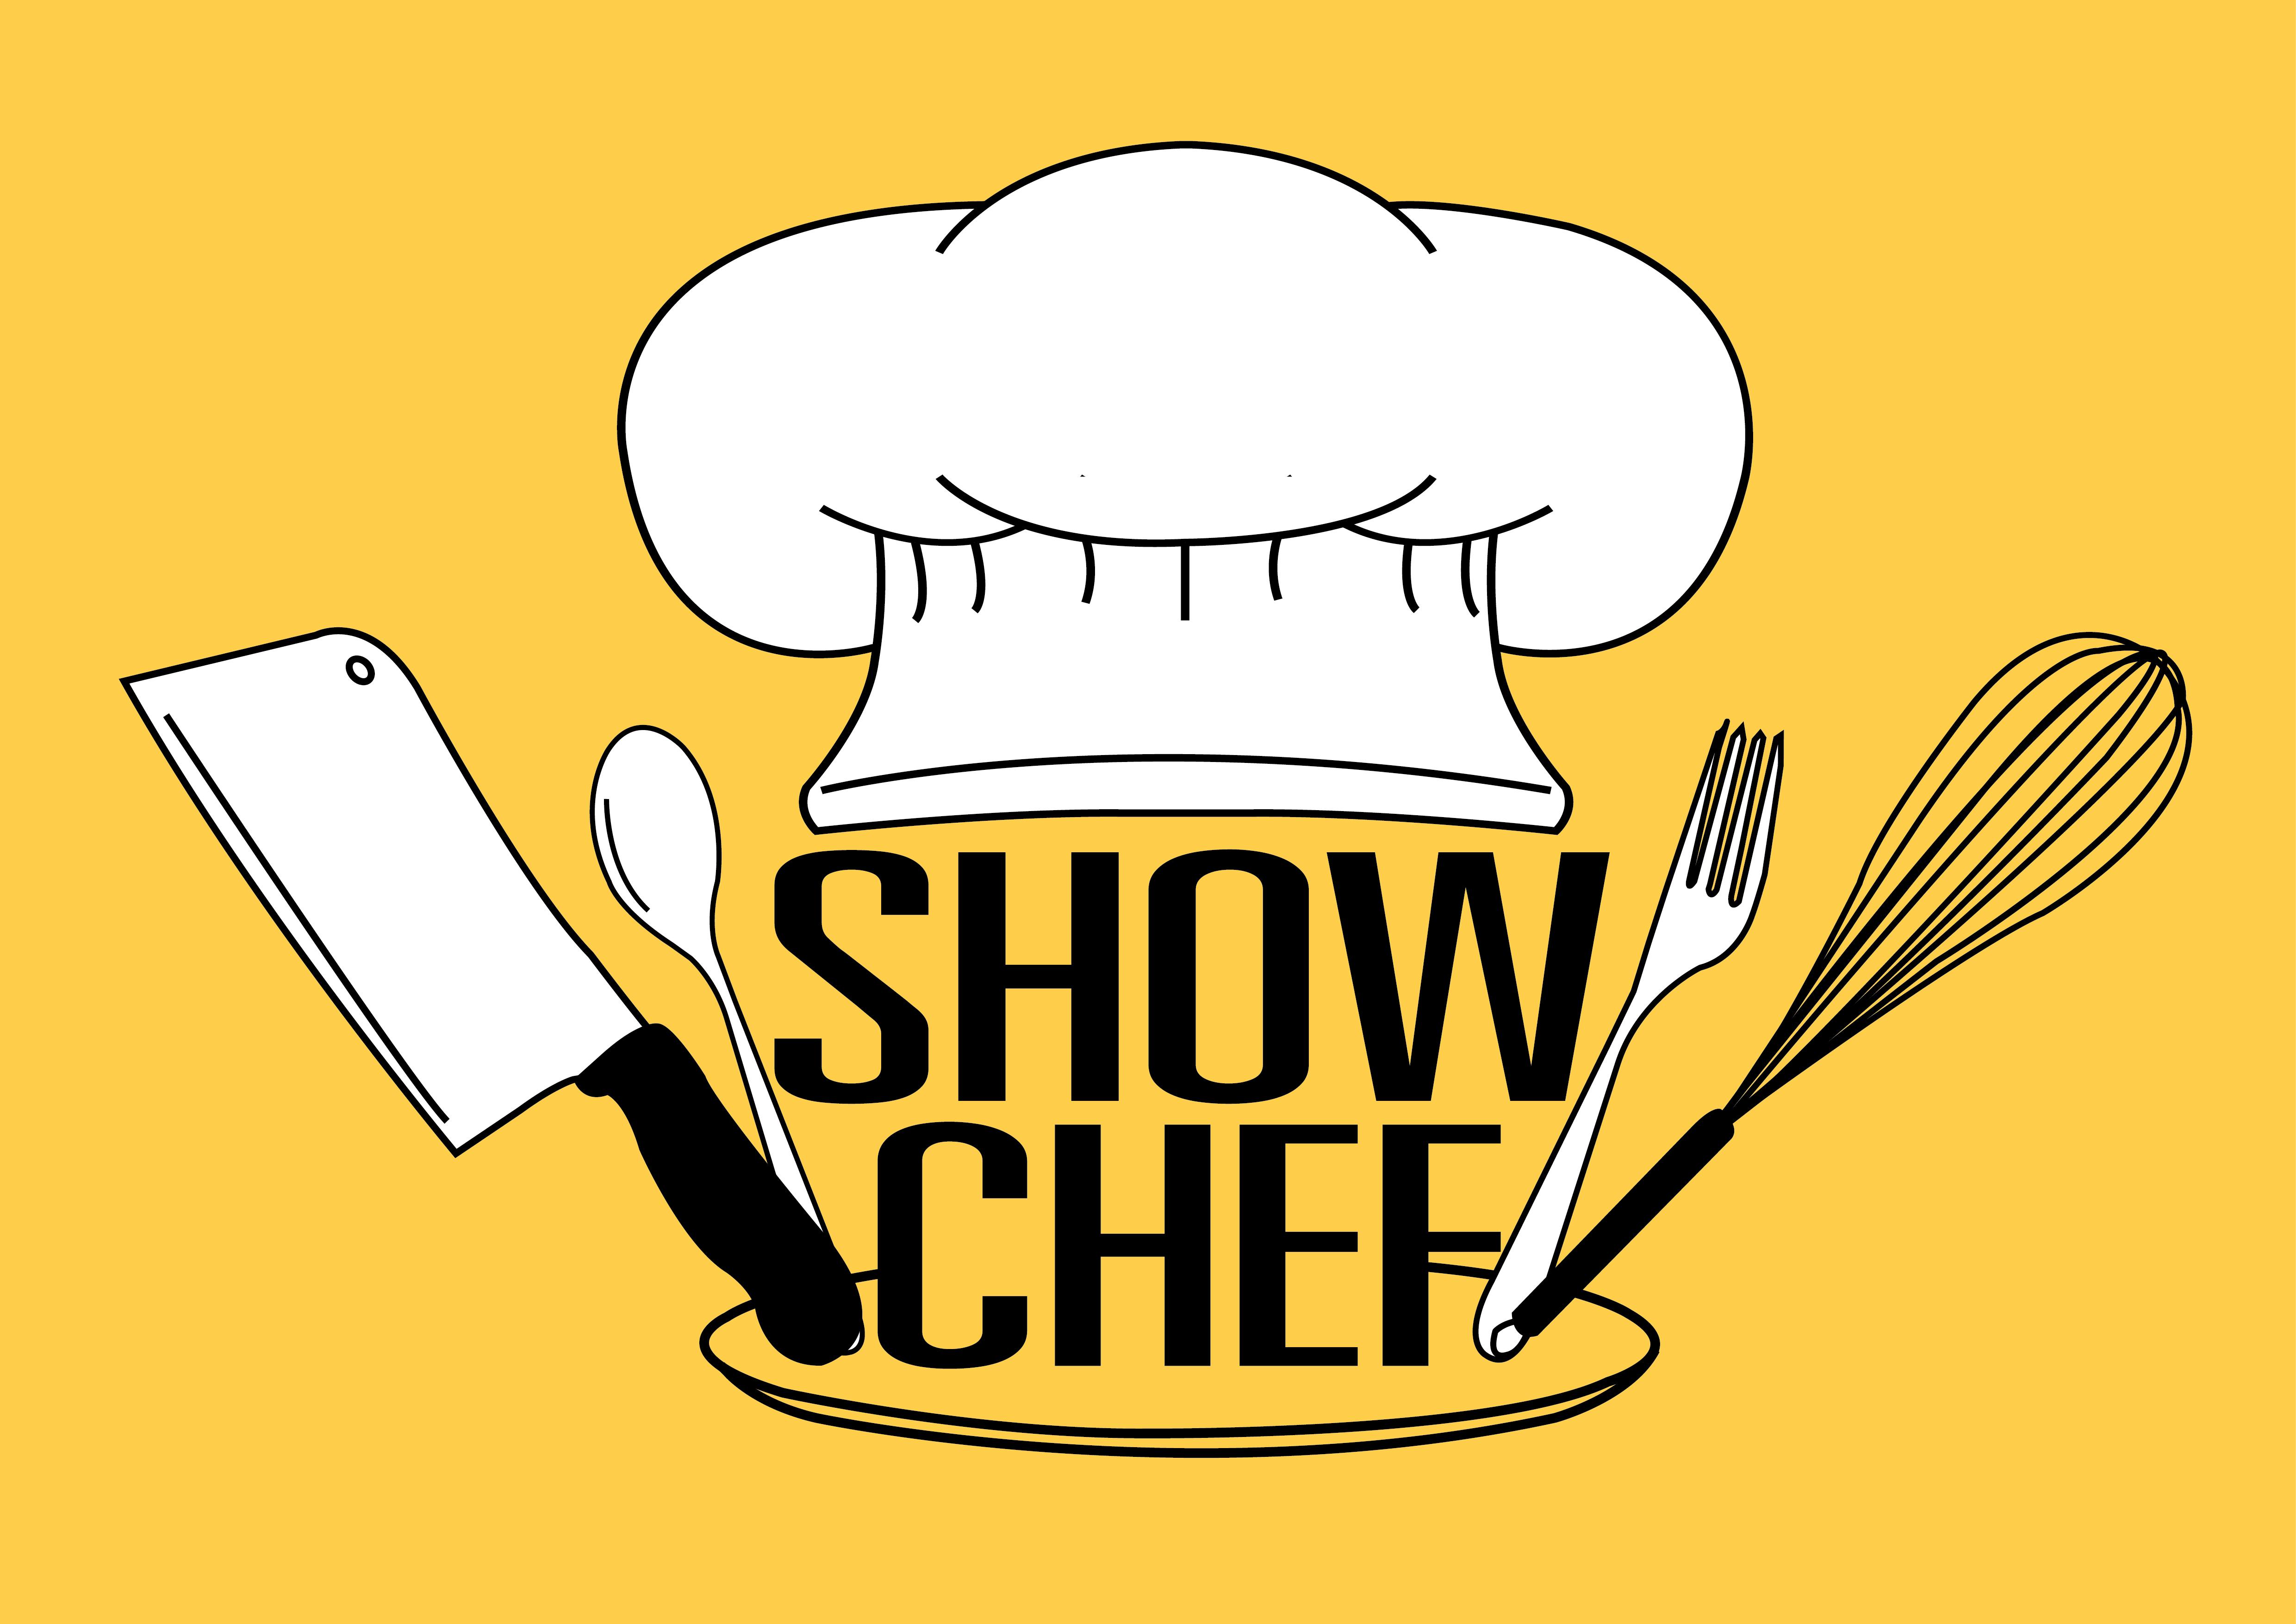 รายการโชว์เชฟ | Show Chef TV รายการสอนทำอาหารโดยเชฟ